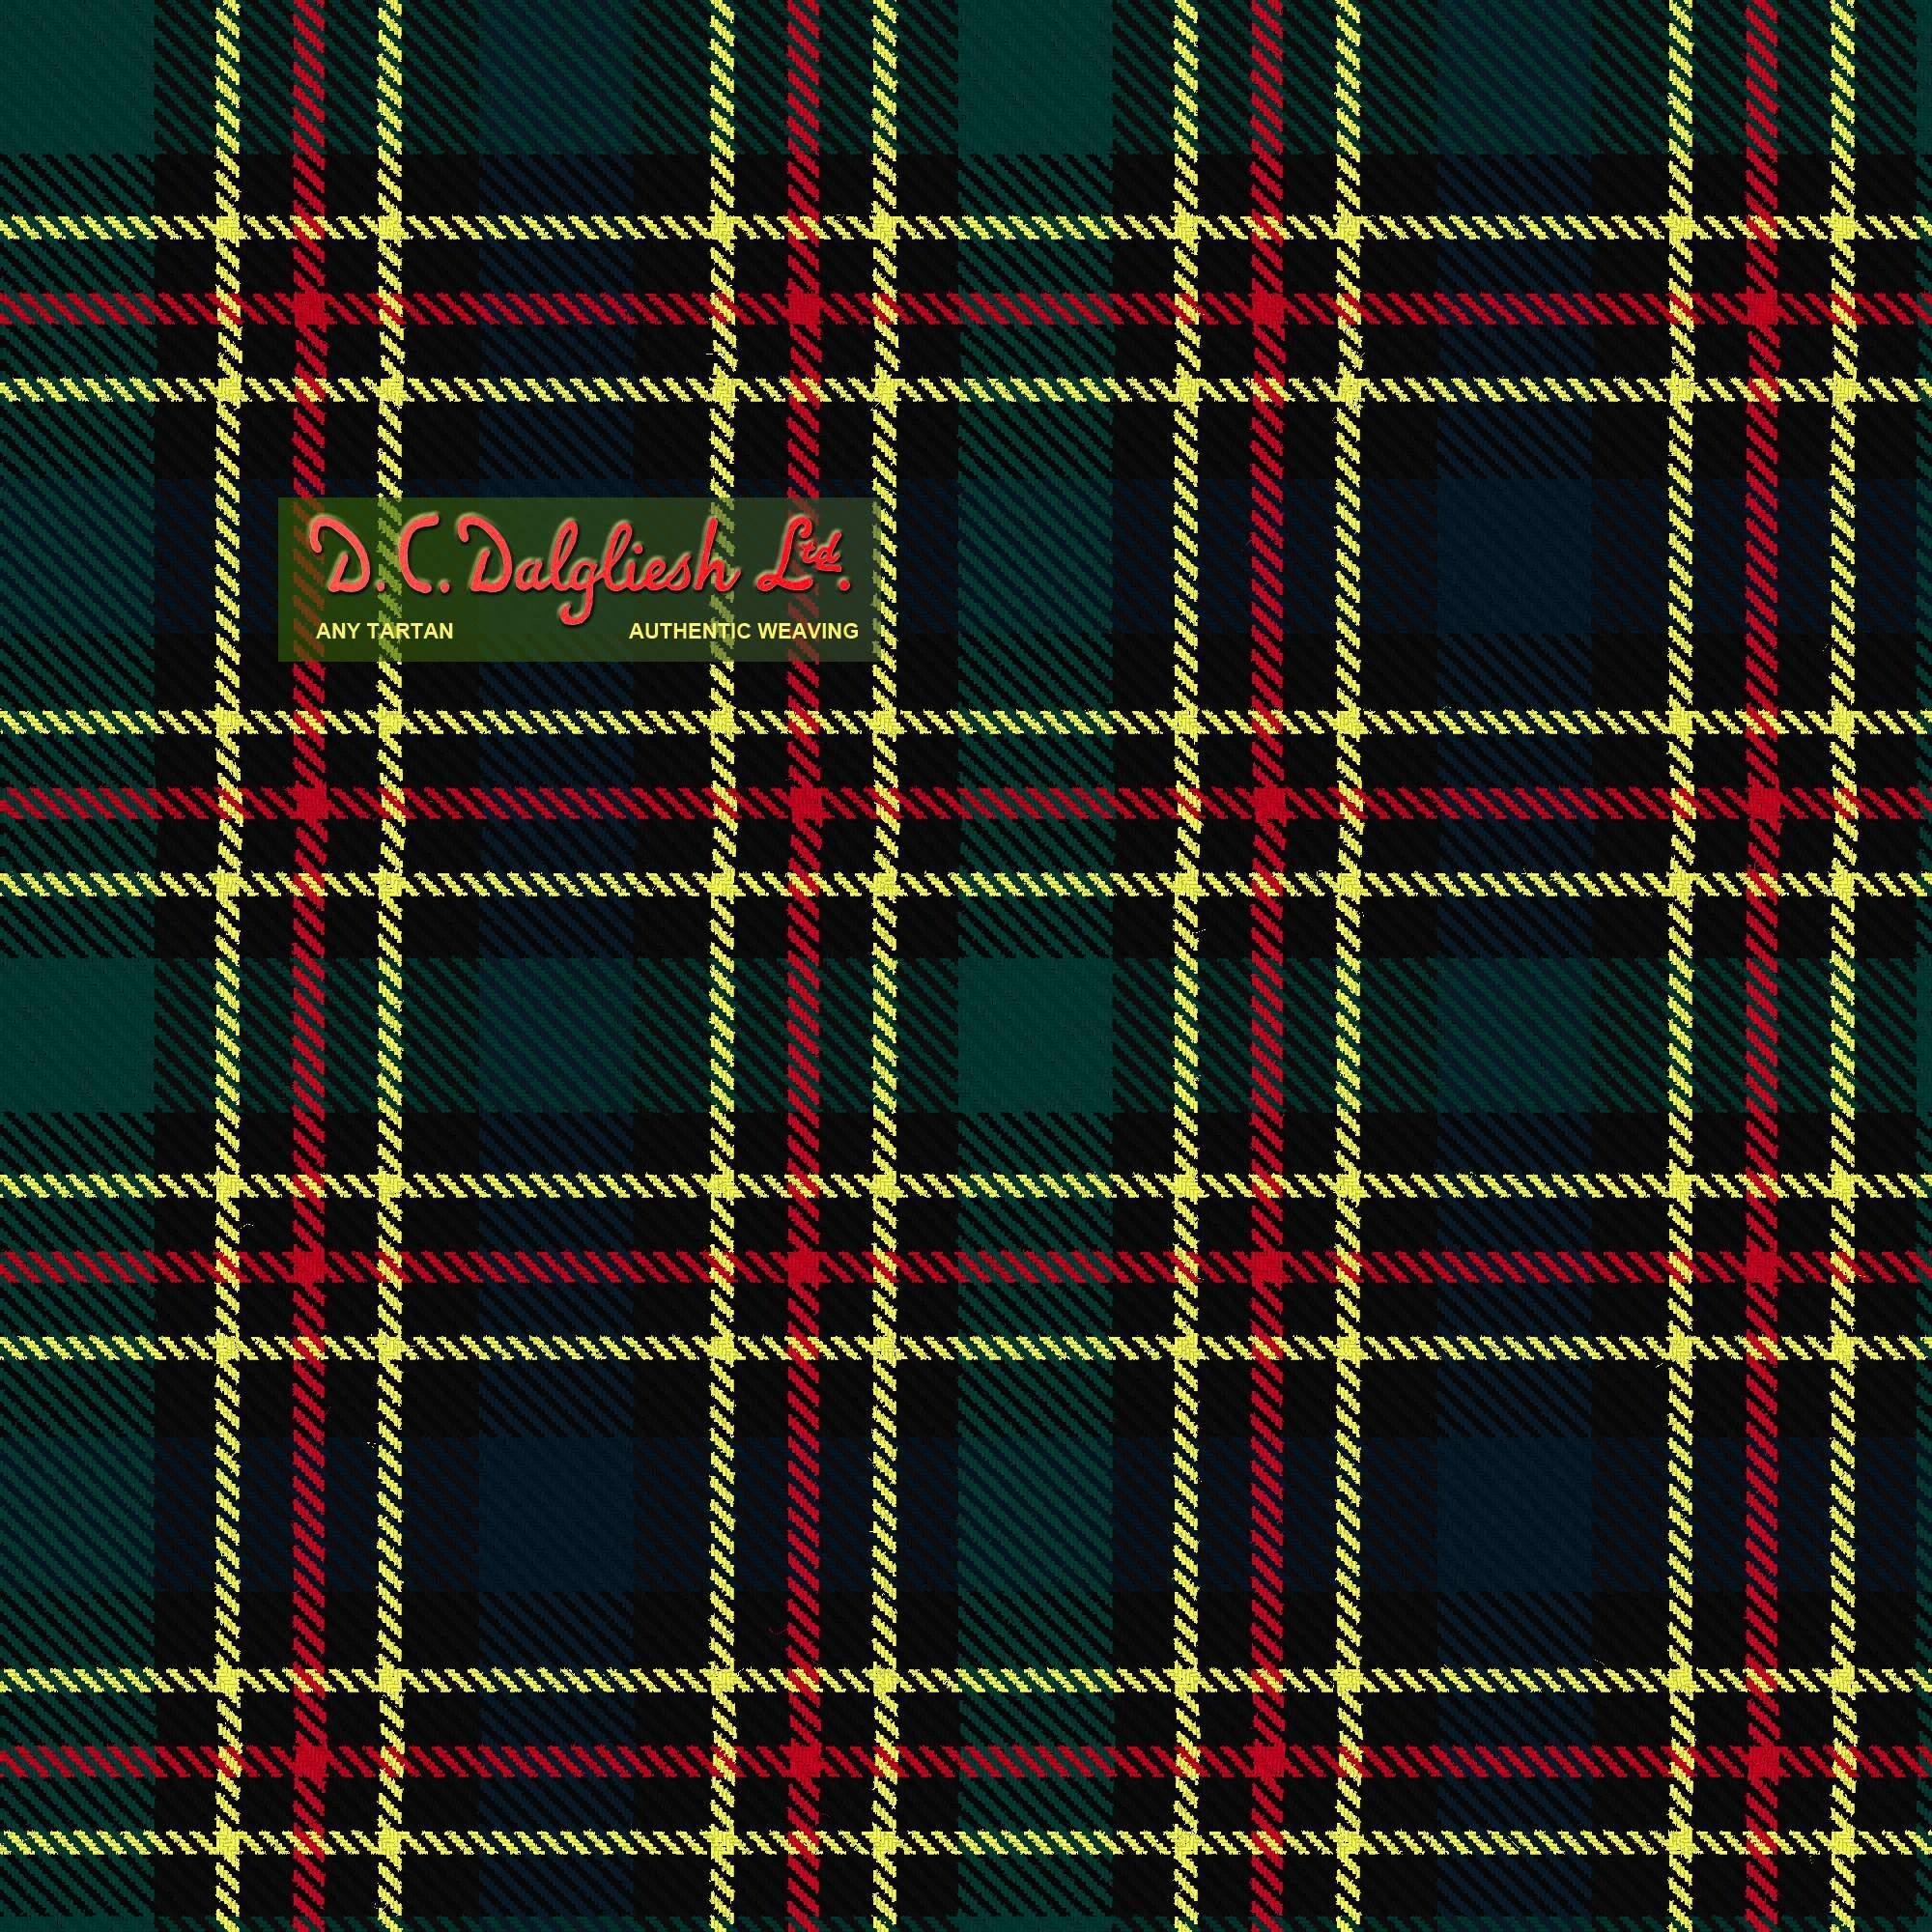 Scottish Tartan Society